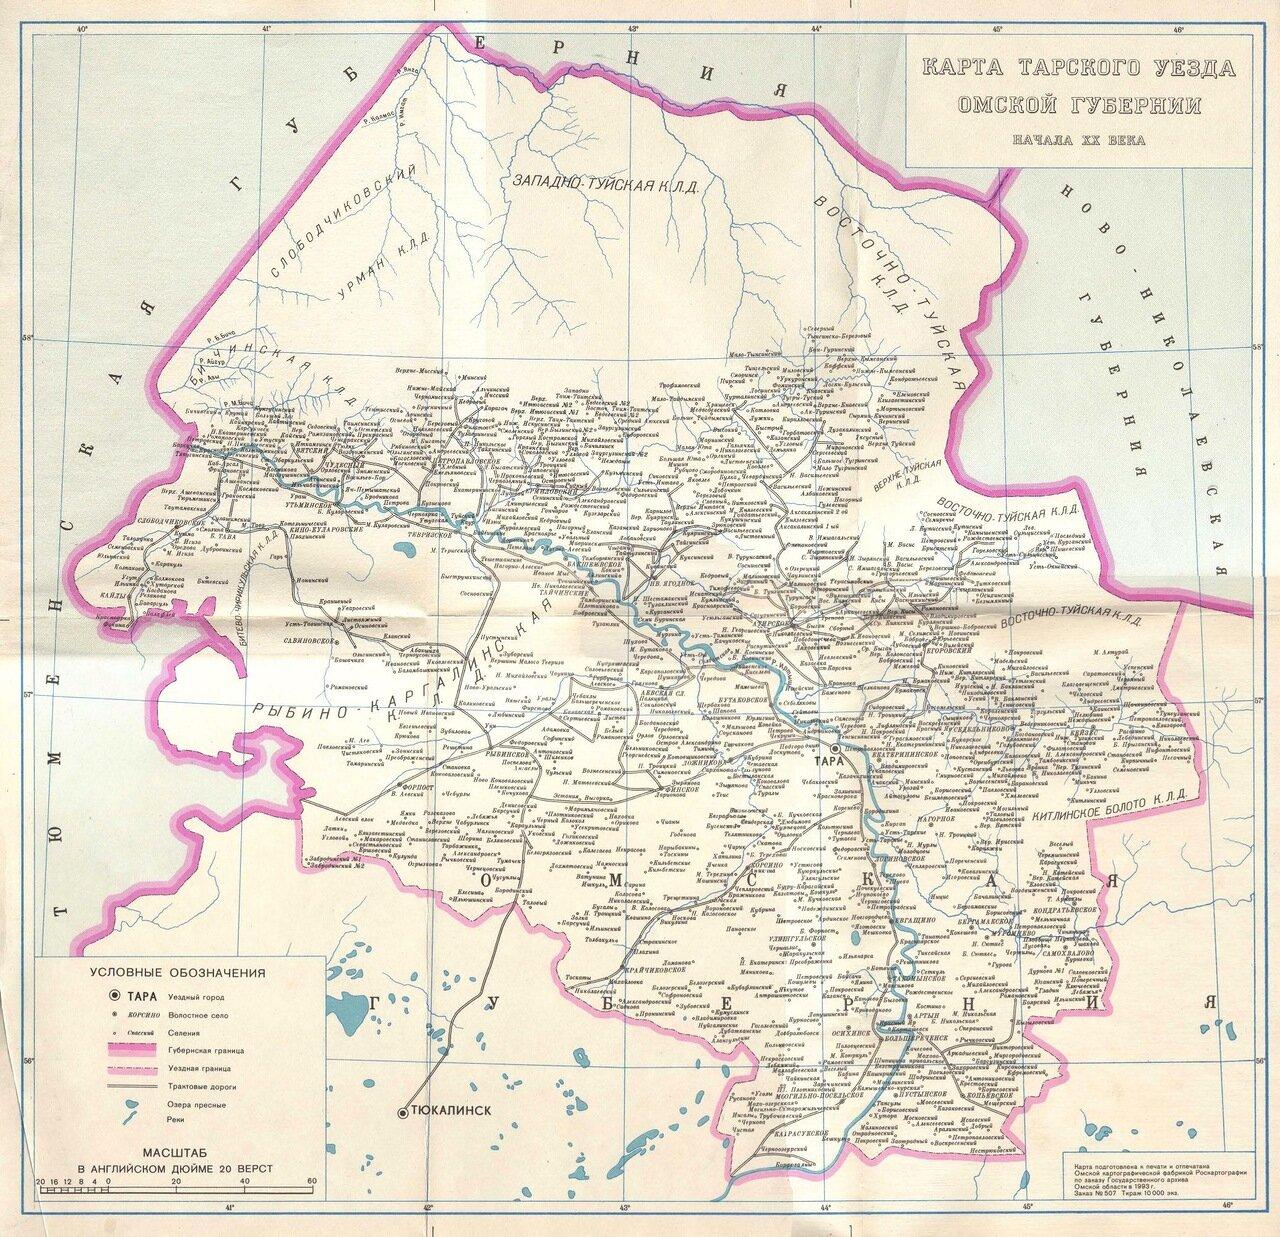 Карта Тарского уезда Омской губернии, начало 20 века